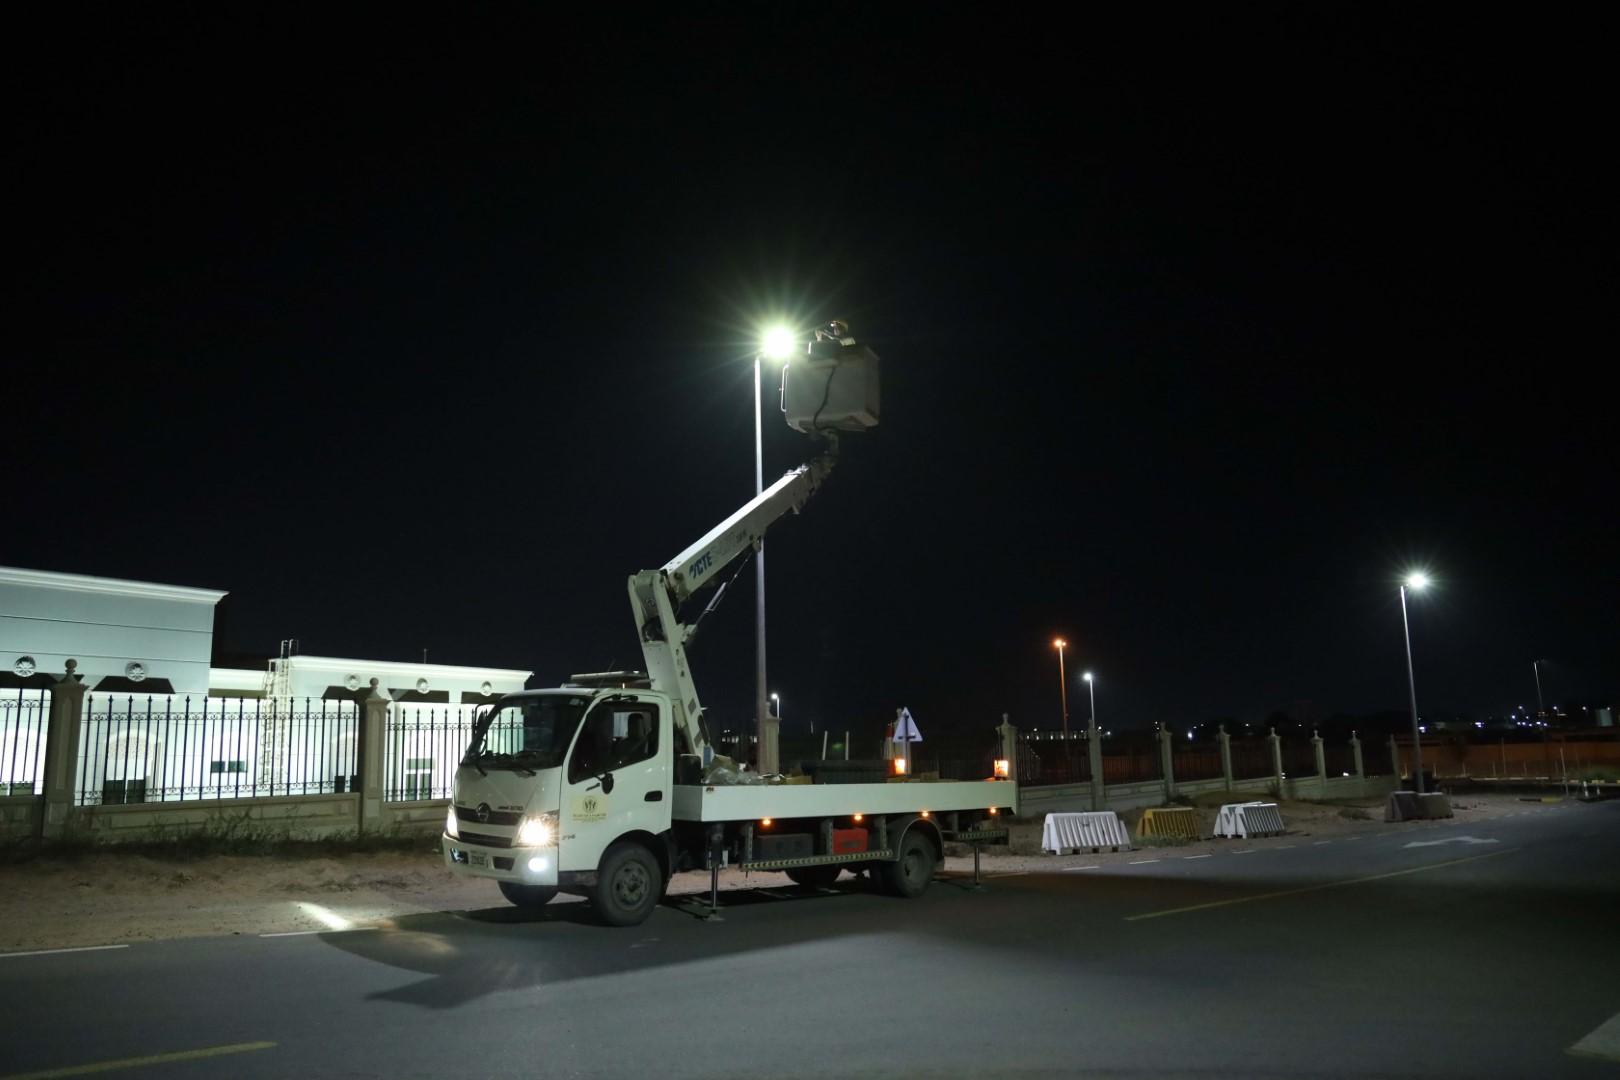 كهرباء الشارقة تنفذ أعمال إنارة لـ 14 مشروعا بالمنطقة الوسطى